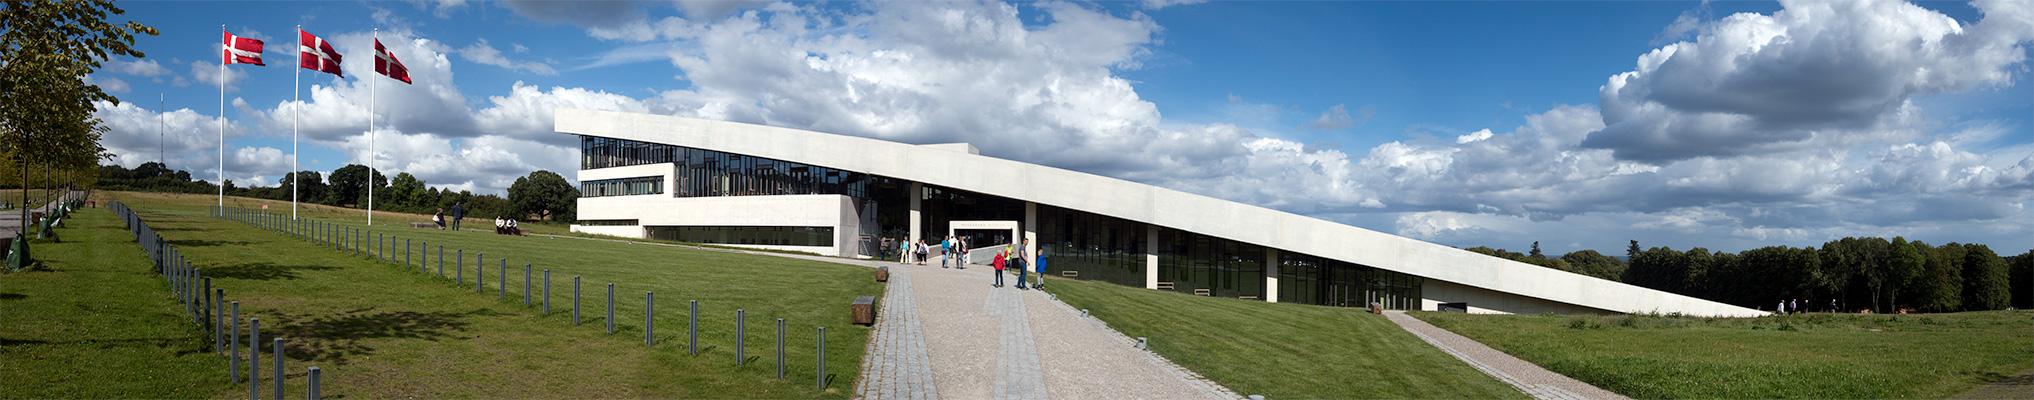 Moesgaard Museum (Moesgård Museum)